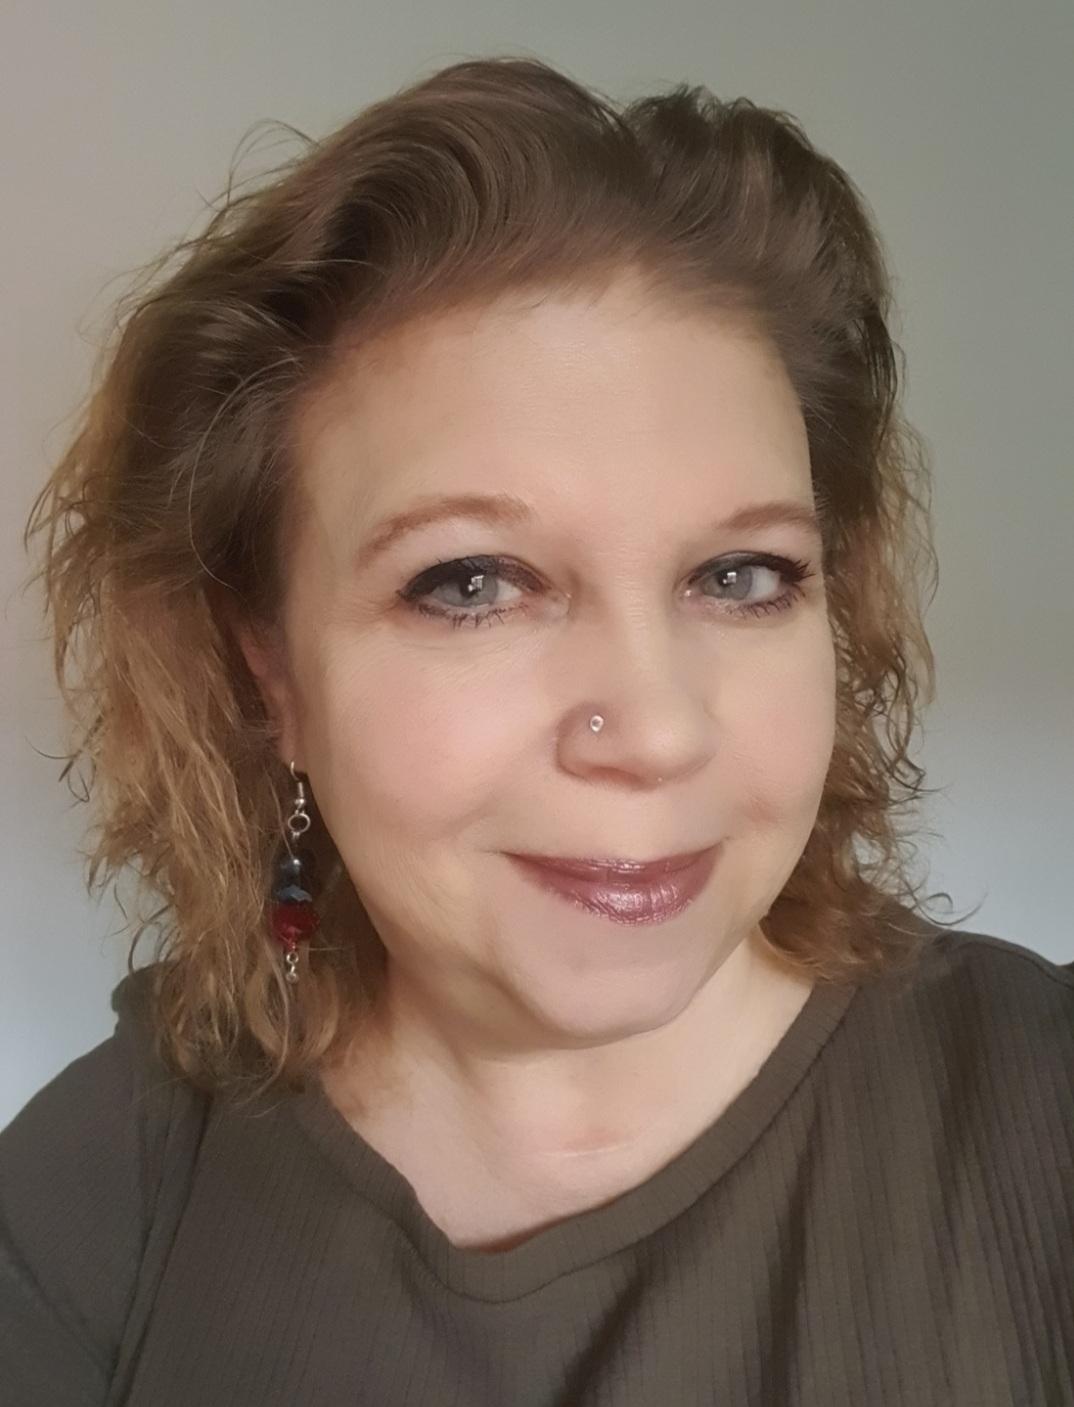 Helena Masslegård Styrelseledamot Reumatikerdistriktet Göteborg